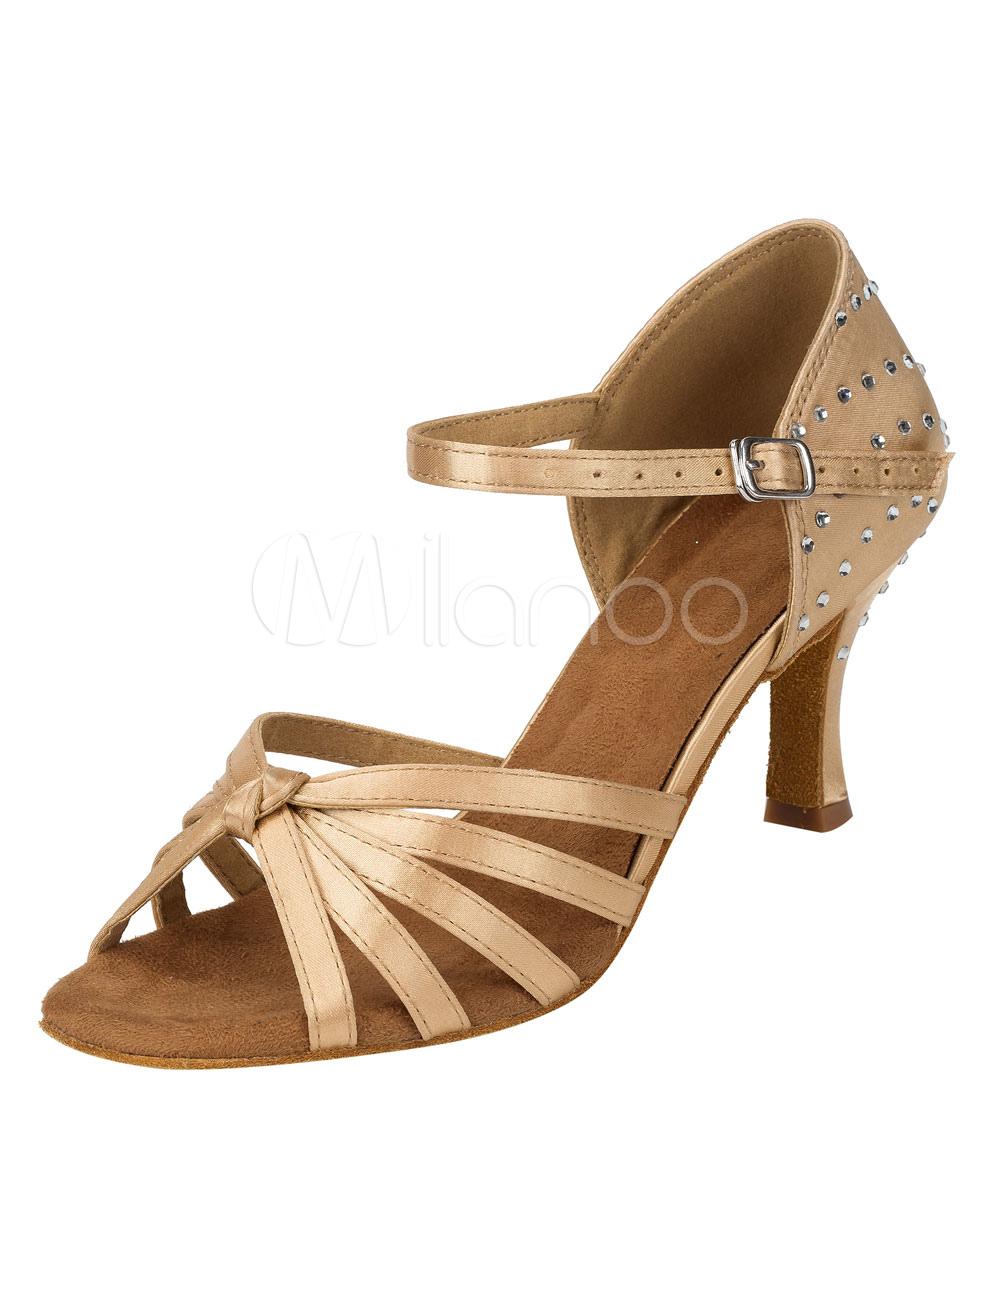 Zapatos de bailes latinos de puntera abierta Tacón bobina de satén con pedrería para baile GJa9xqUNZ